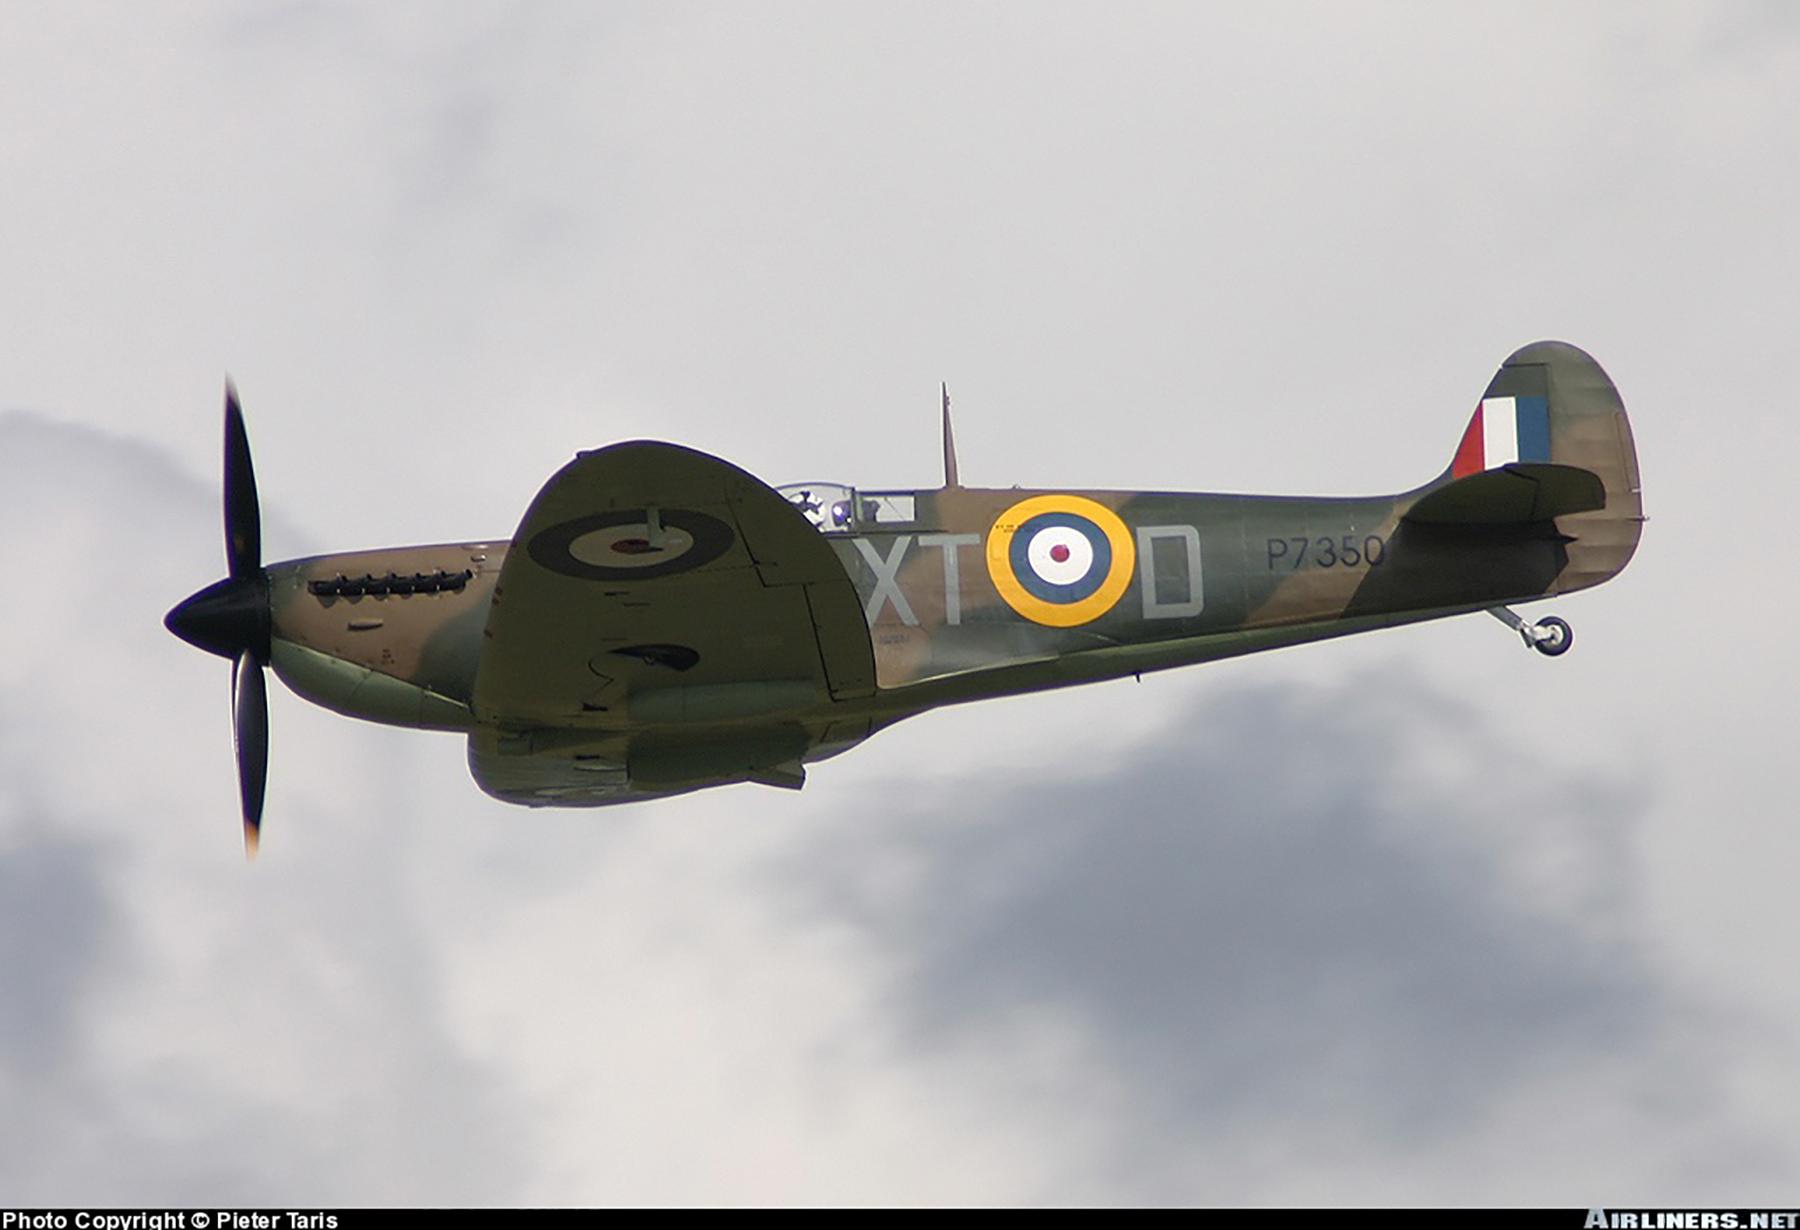 Airworthy Spitfire warbird RAF 603Sqn XTD P7350 01